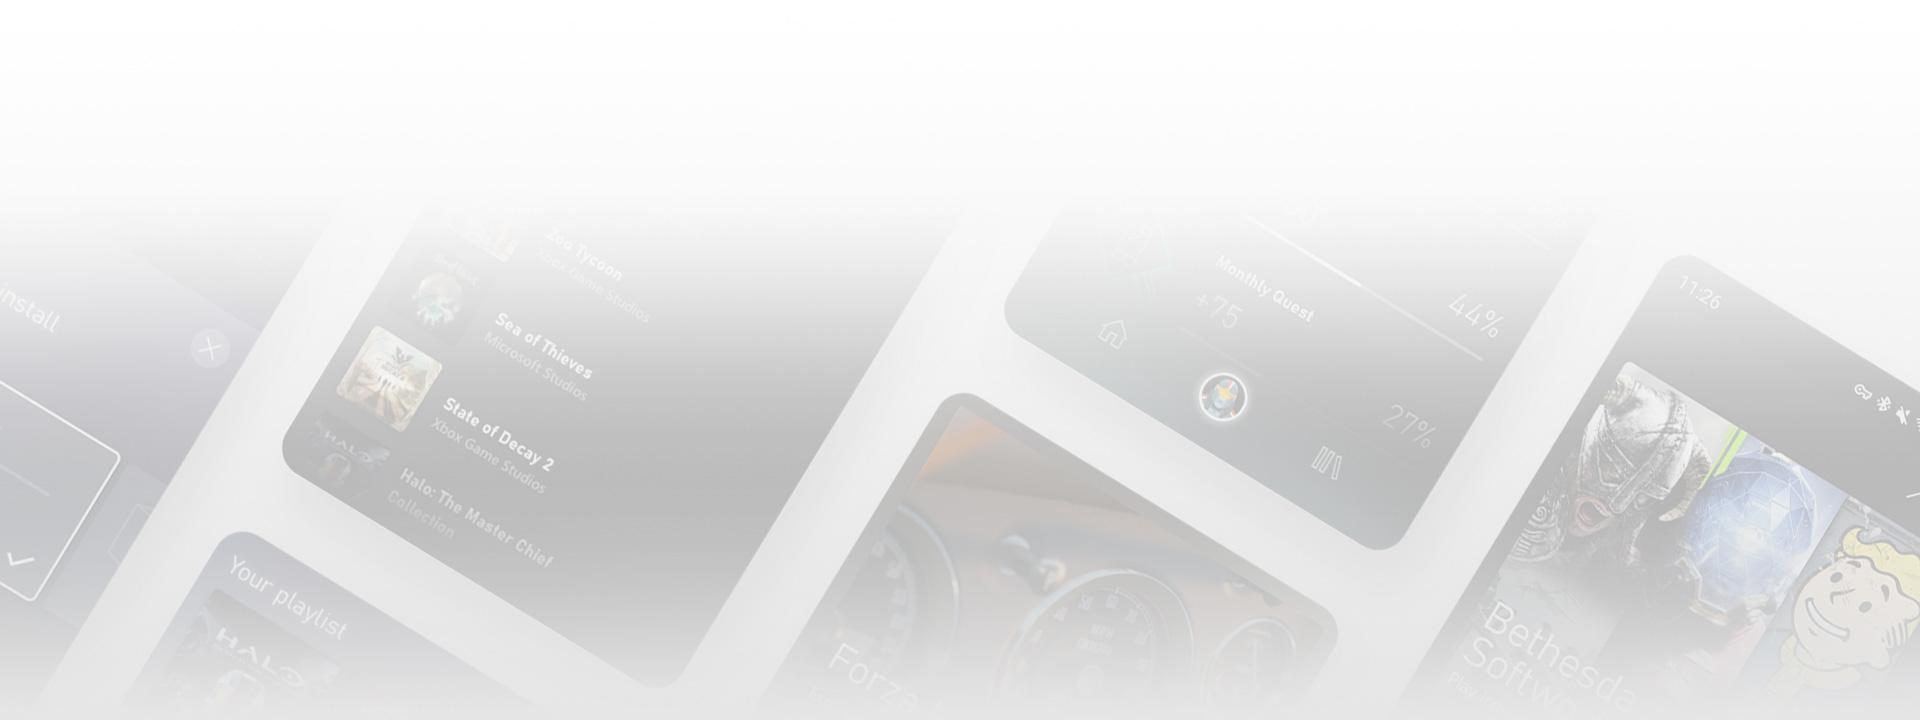 Skjermbilder av Xbox Game Pass-mobilappens brukergrensesnitt